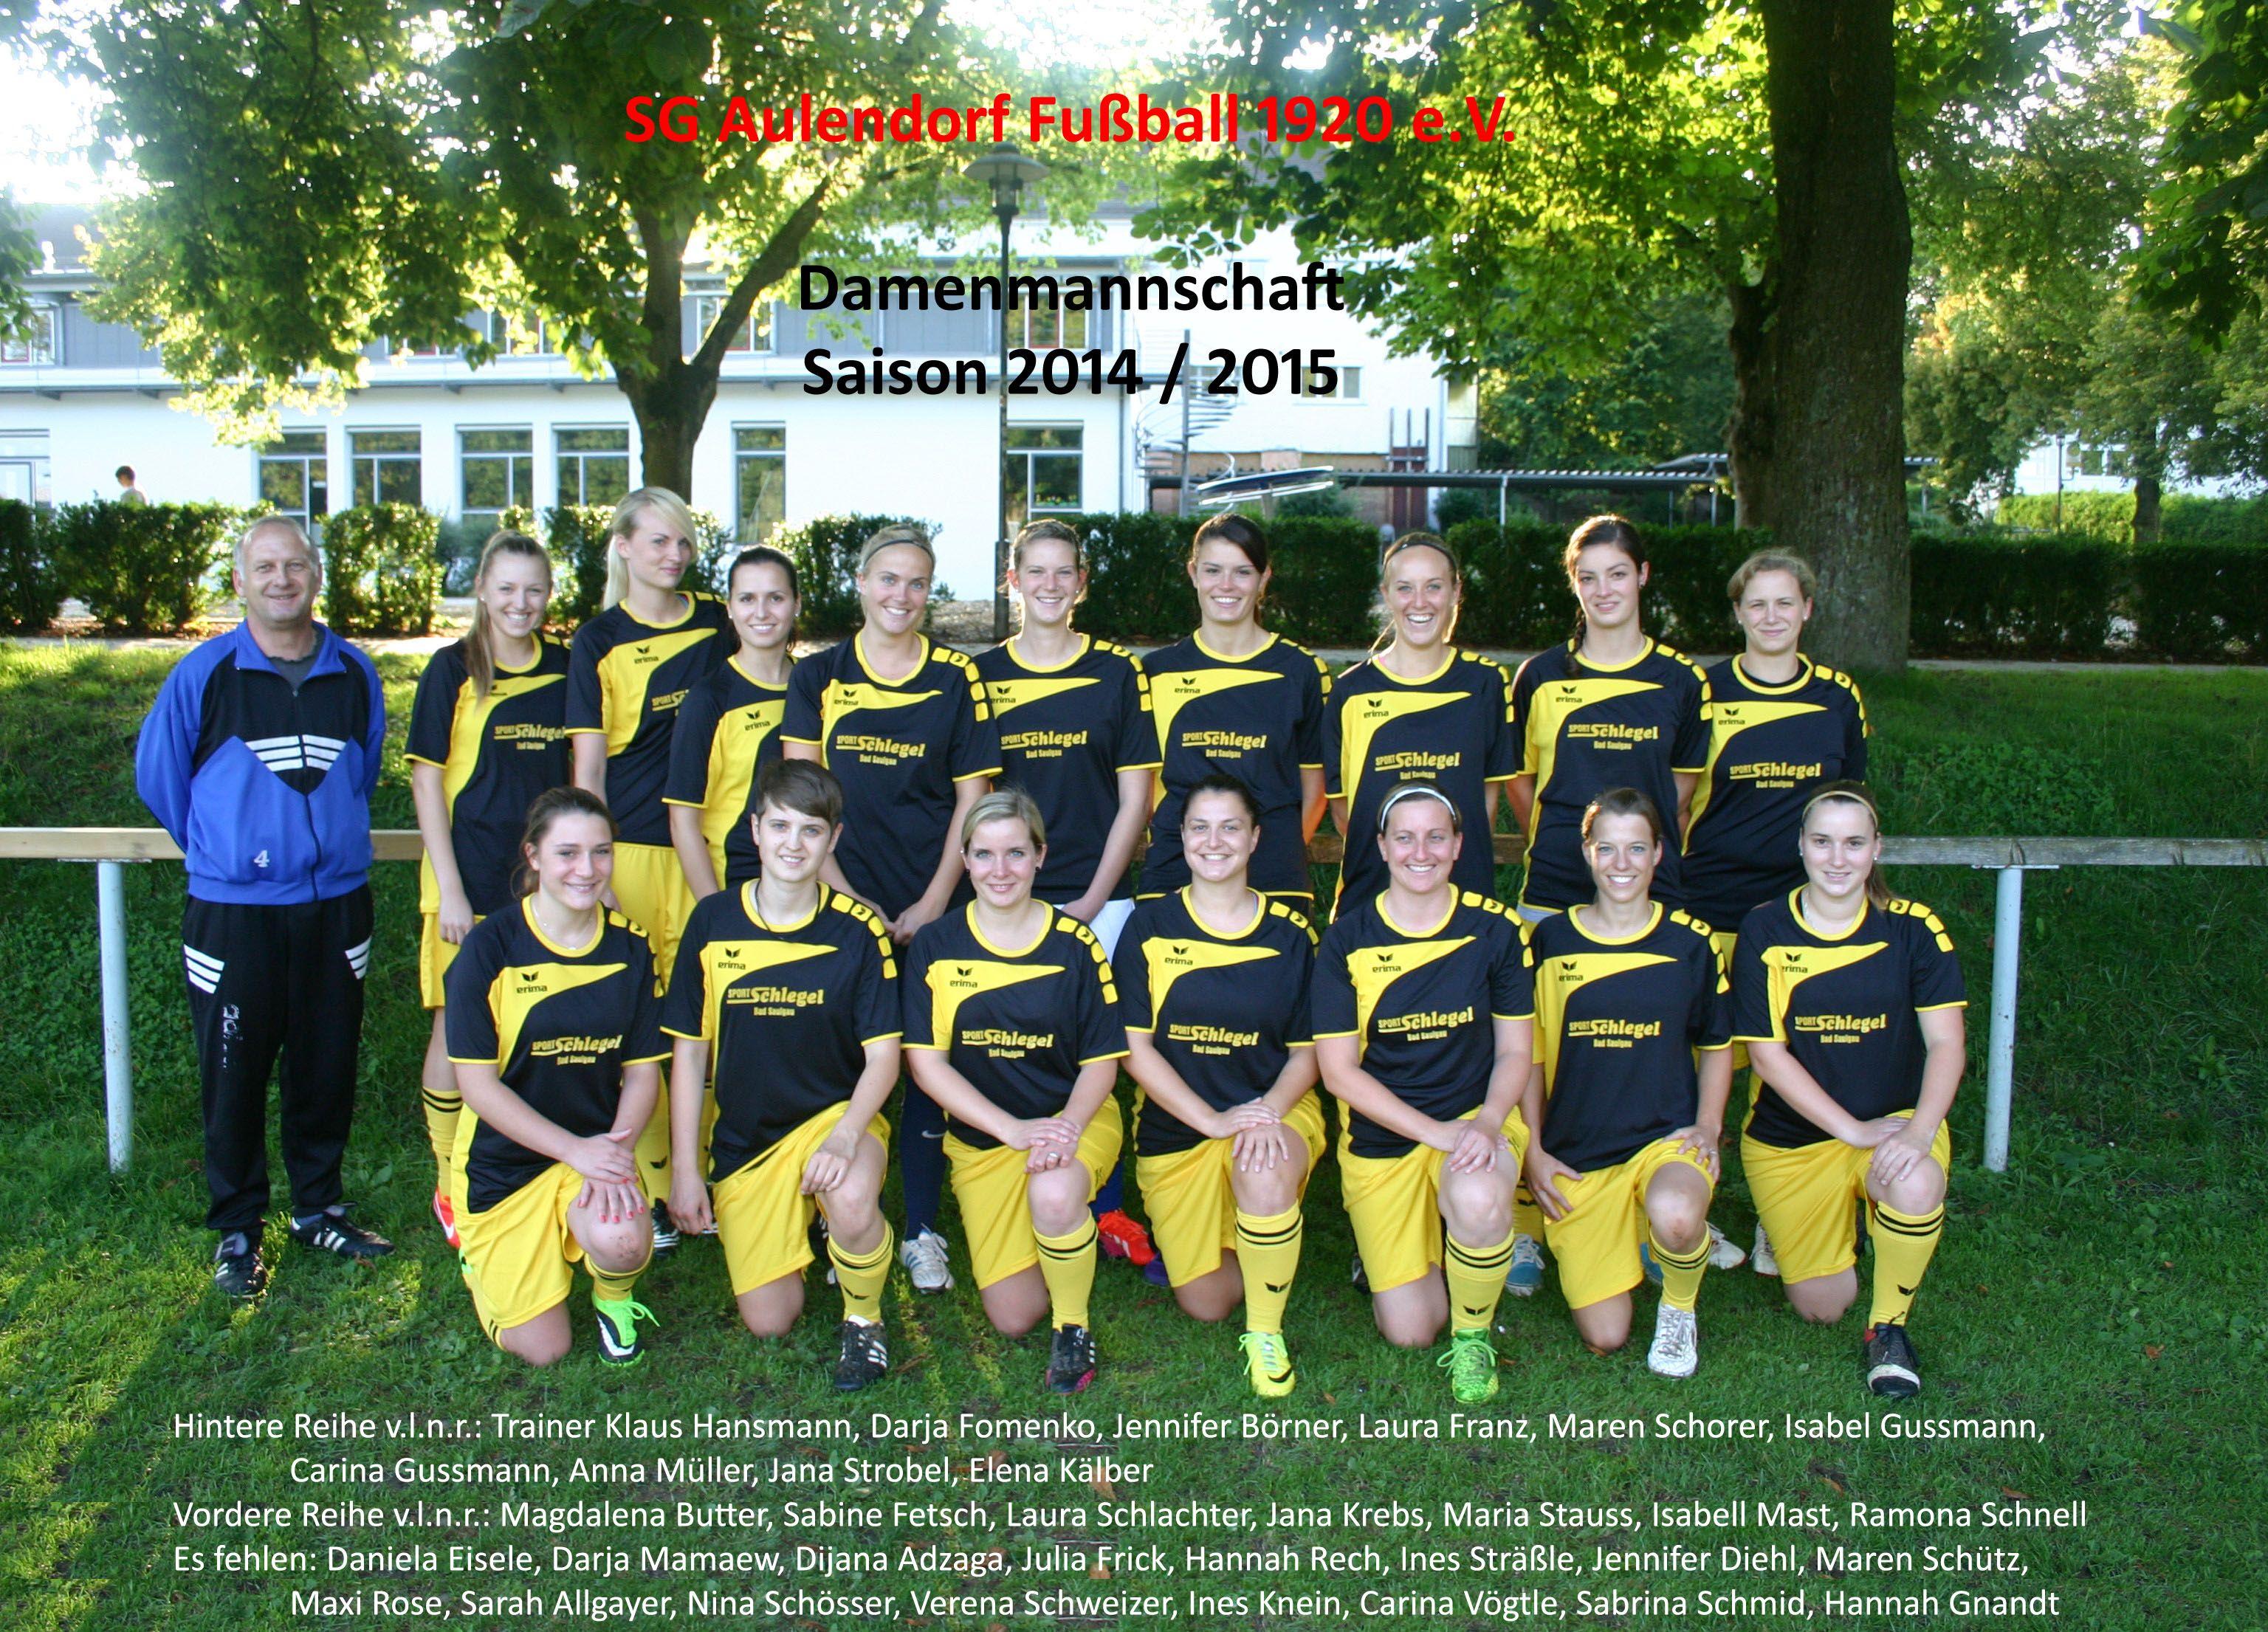 Damenmannschaft 2014-2015 - editiert (2)